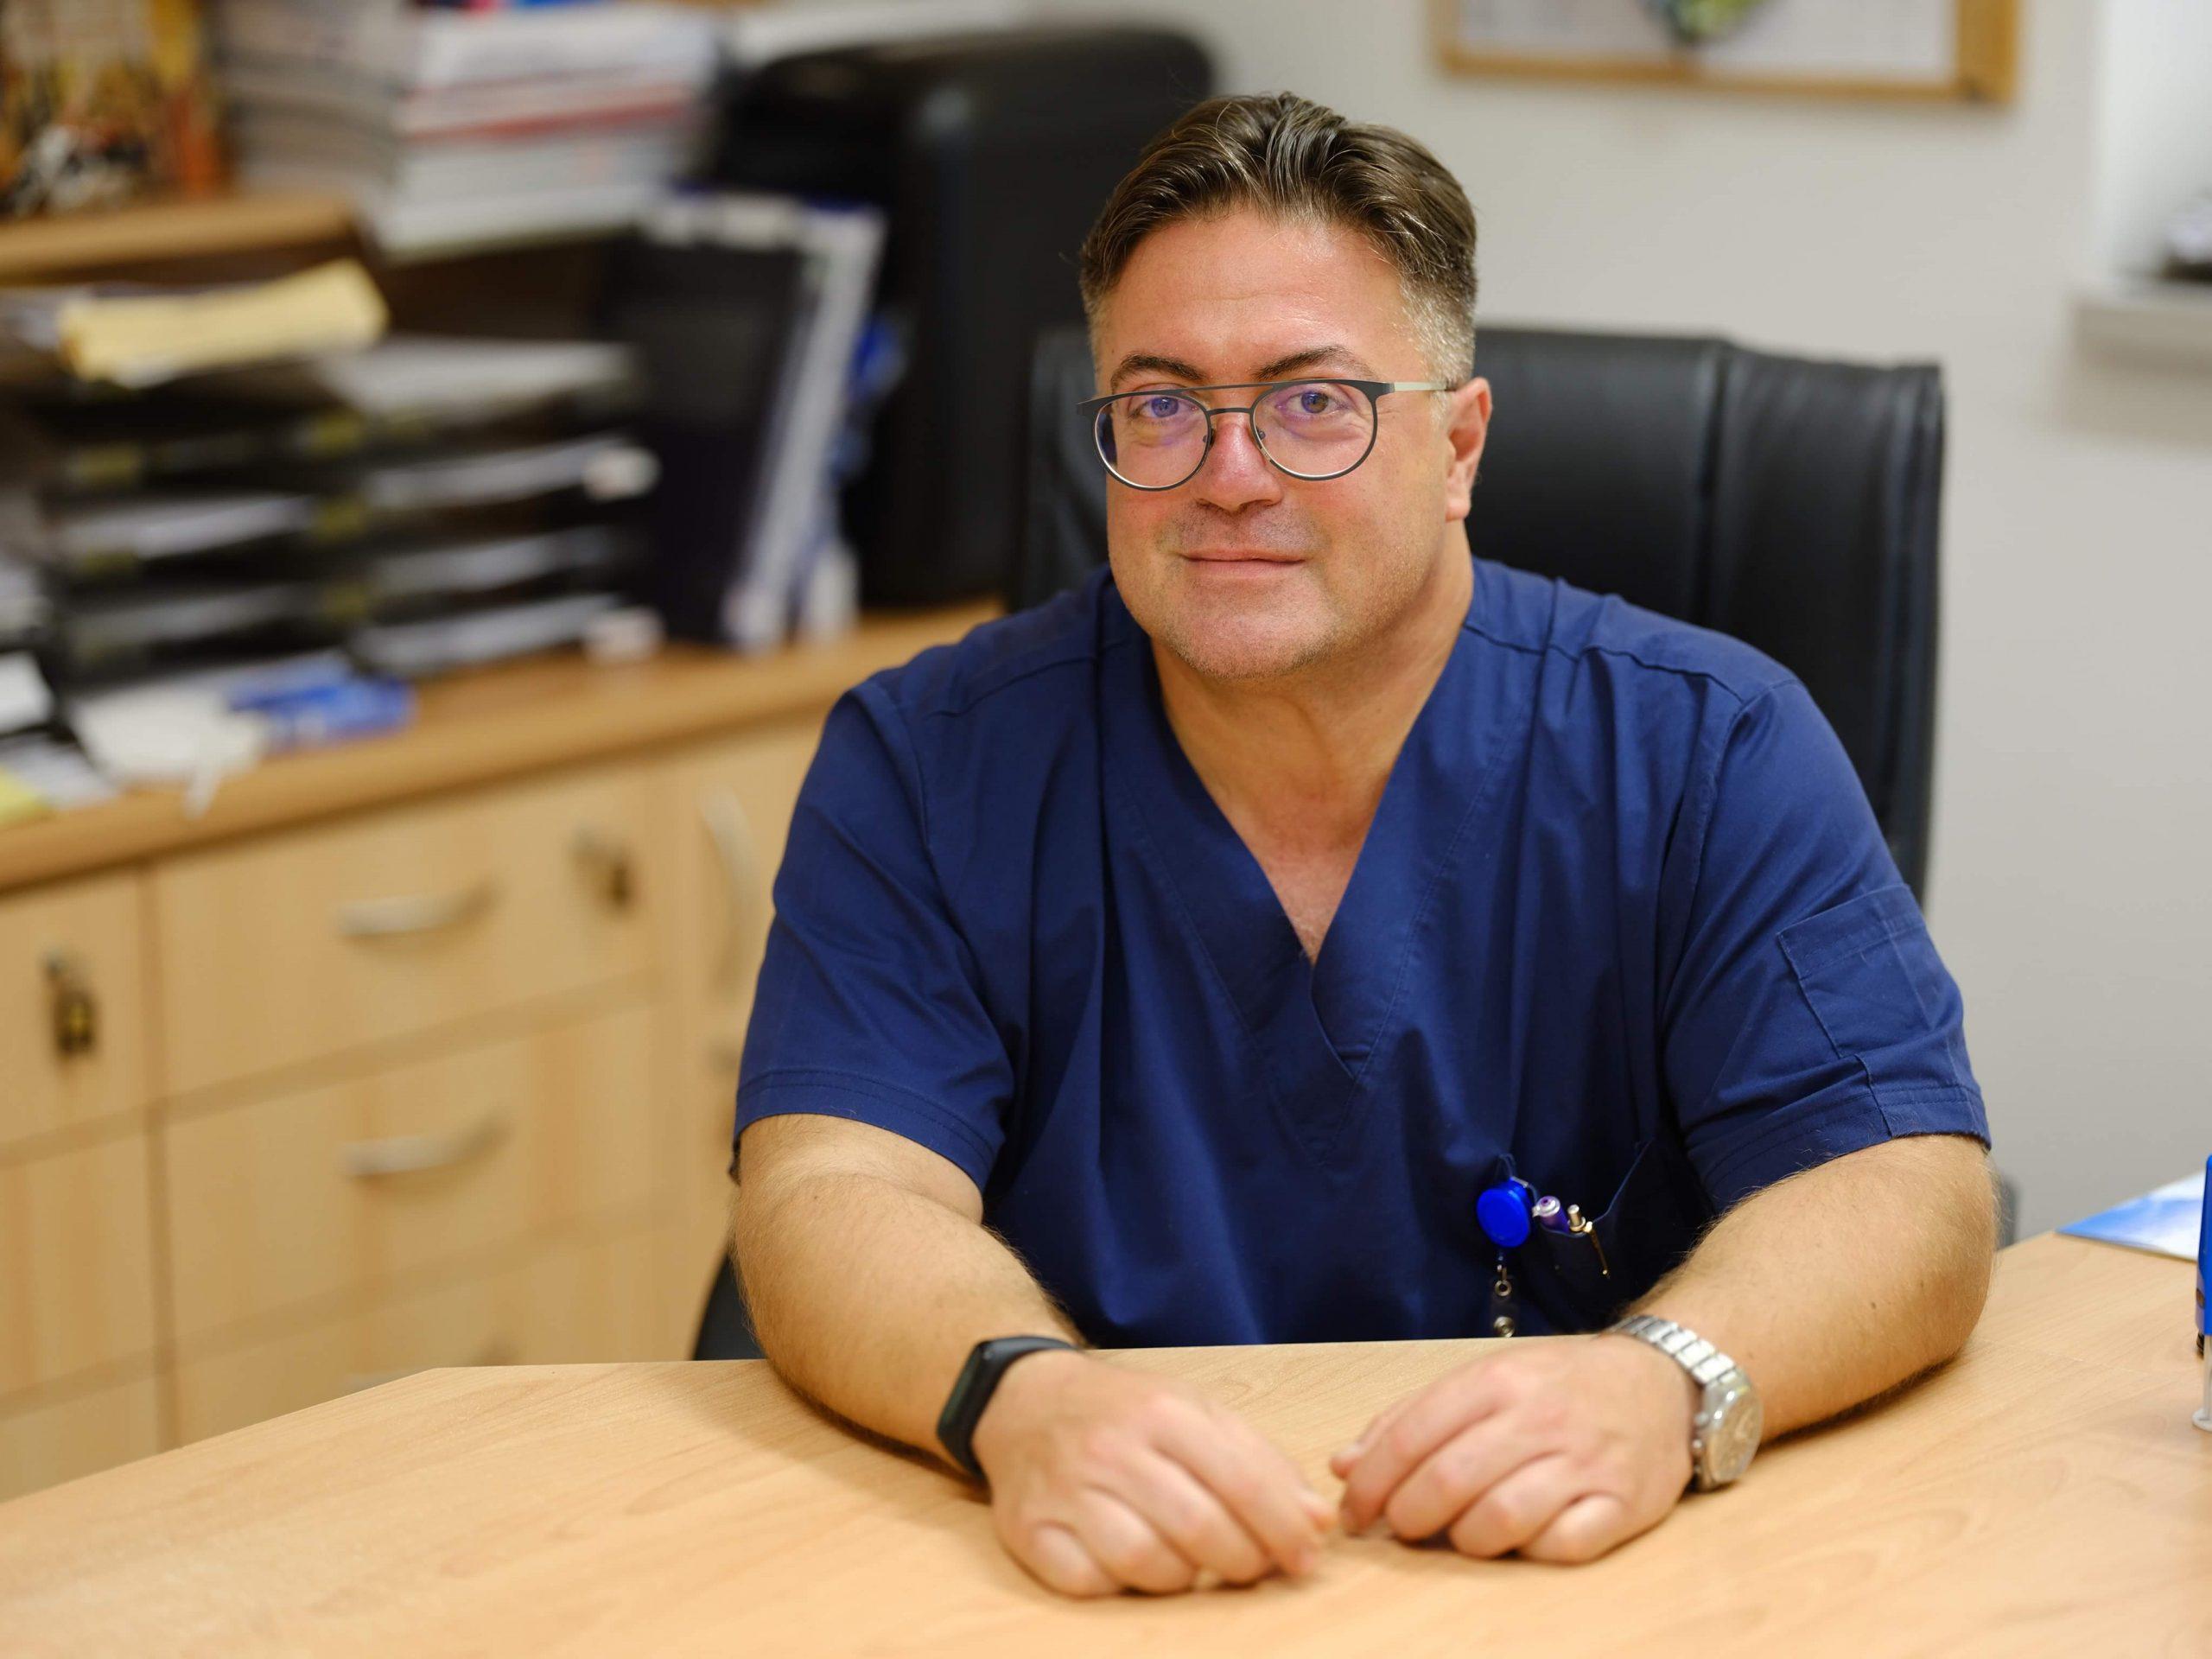 """""""Elkötelezettség, munkabírás és a betegek iránti szeretet szükséges ahhoz, hogy valaki jó orvossá váljon"""""""